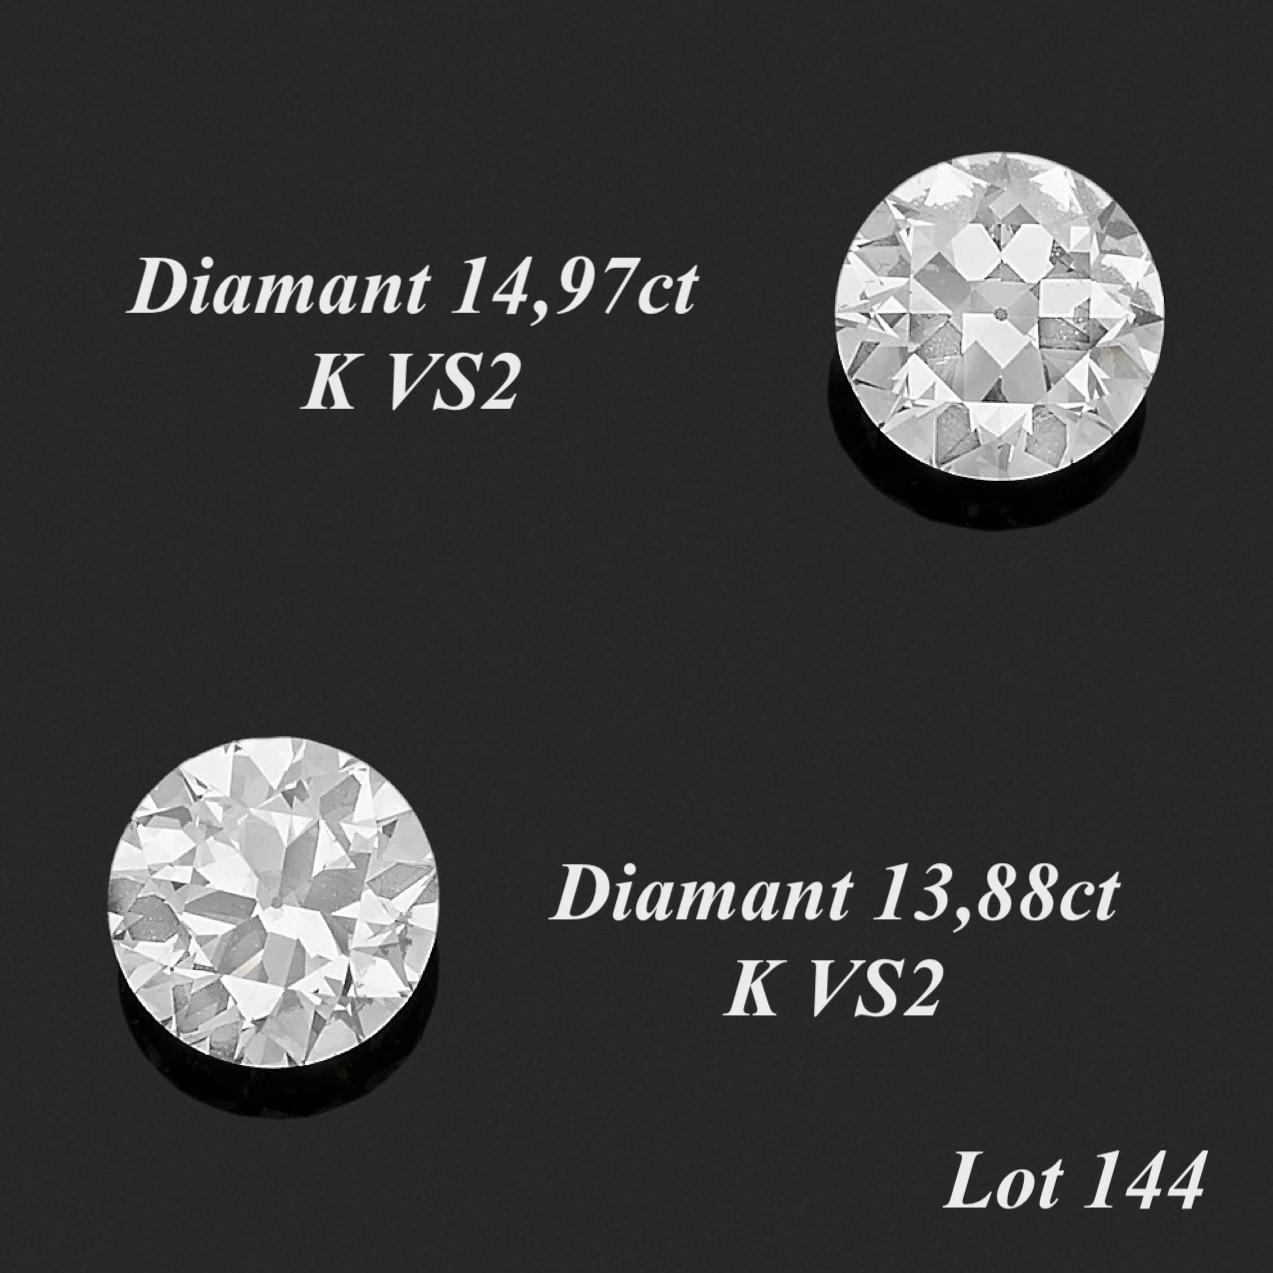 144. Rare PAIRE de DIAMANTS taille ancienne pesant respectivement 13,88 carats et 14,98 carats. Très légères égrisures. Chaque diamant est accompagné d'un rapport d'analyse gemmologique du laboratoire Carat Gem Lab, datant de Février et Mars 2021, attestant leur poids respectif de 13,88 carats et 14,98 carats, leur couleur K, leur pureté VS2, faible fluorescence. 70.000/90.000€ Expert Cukierman